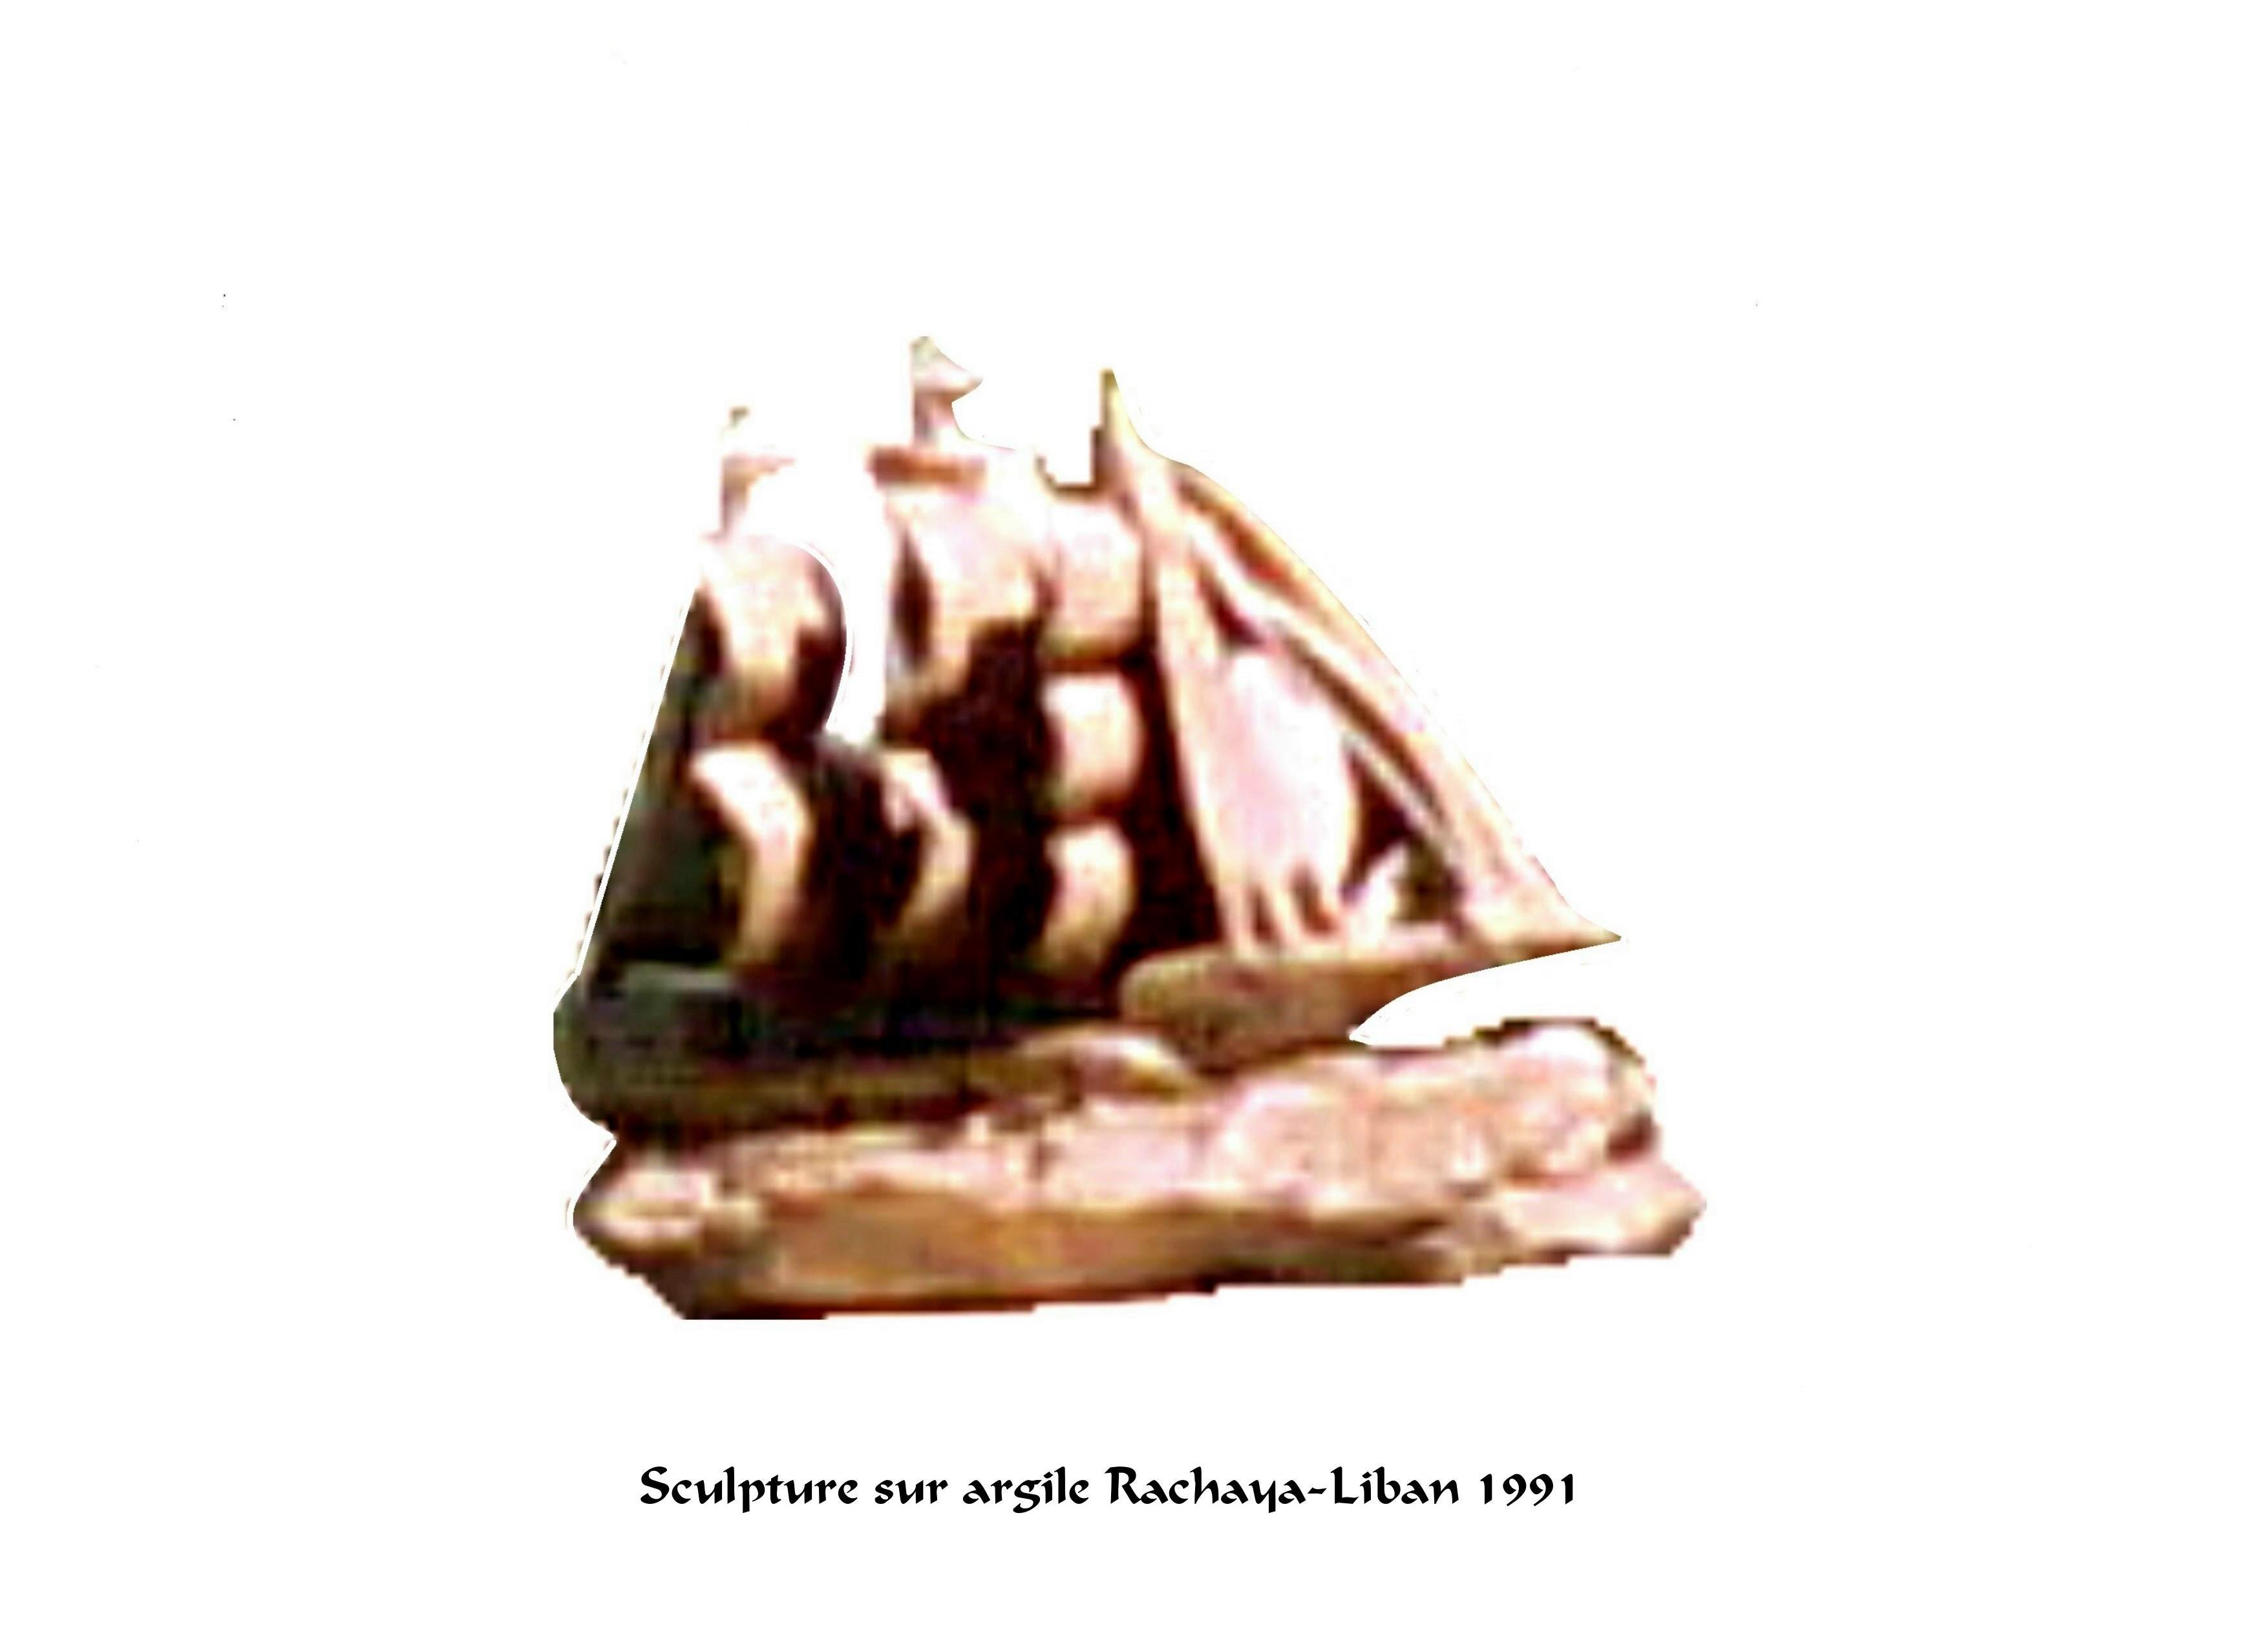 A--navire de Christophe Colombo